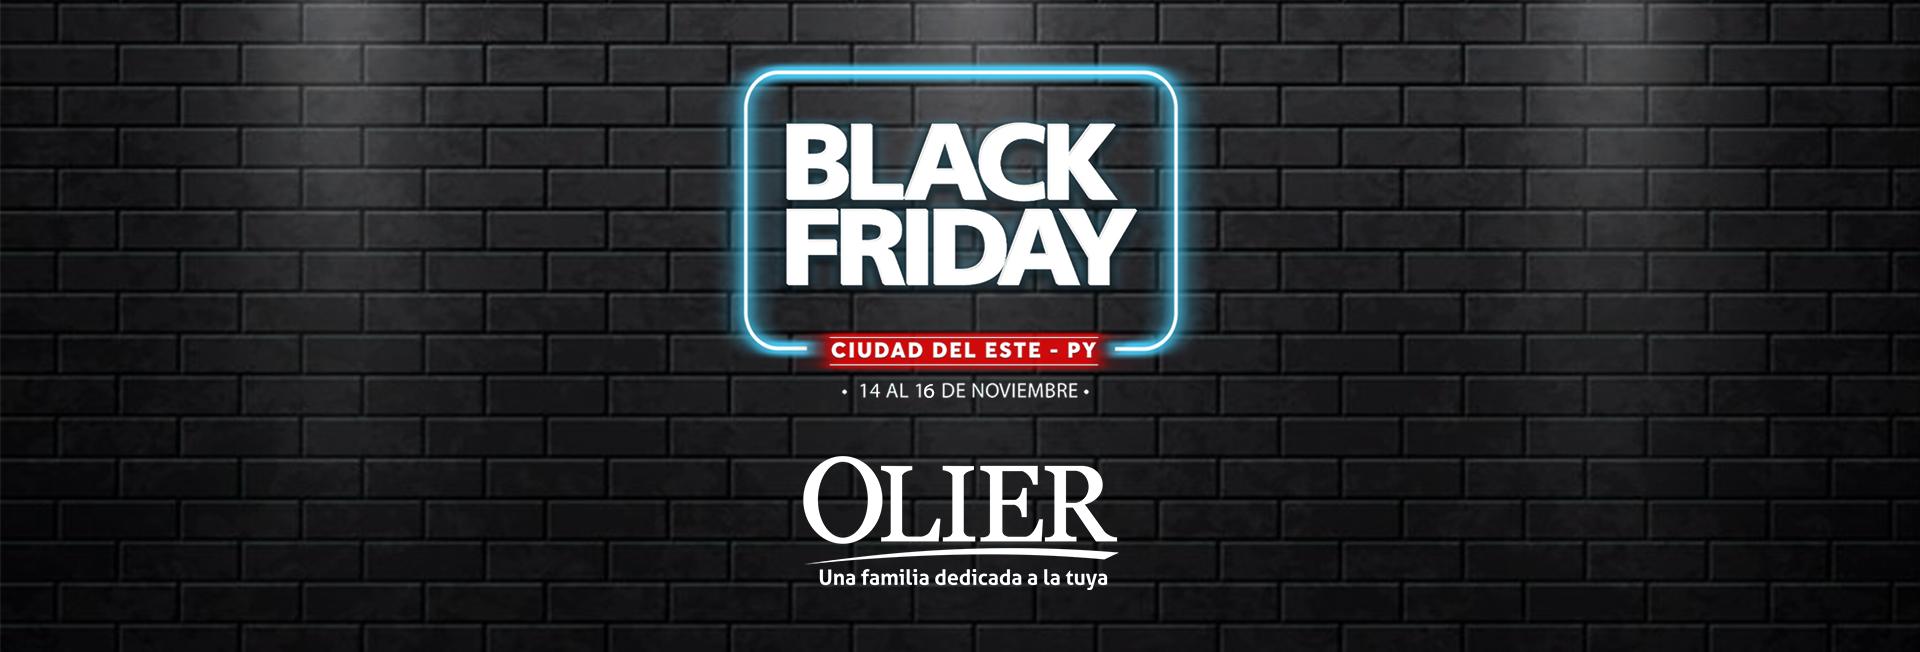 Black Friday CDE